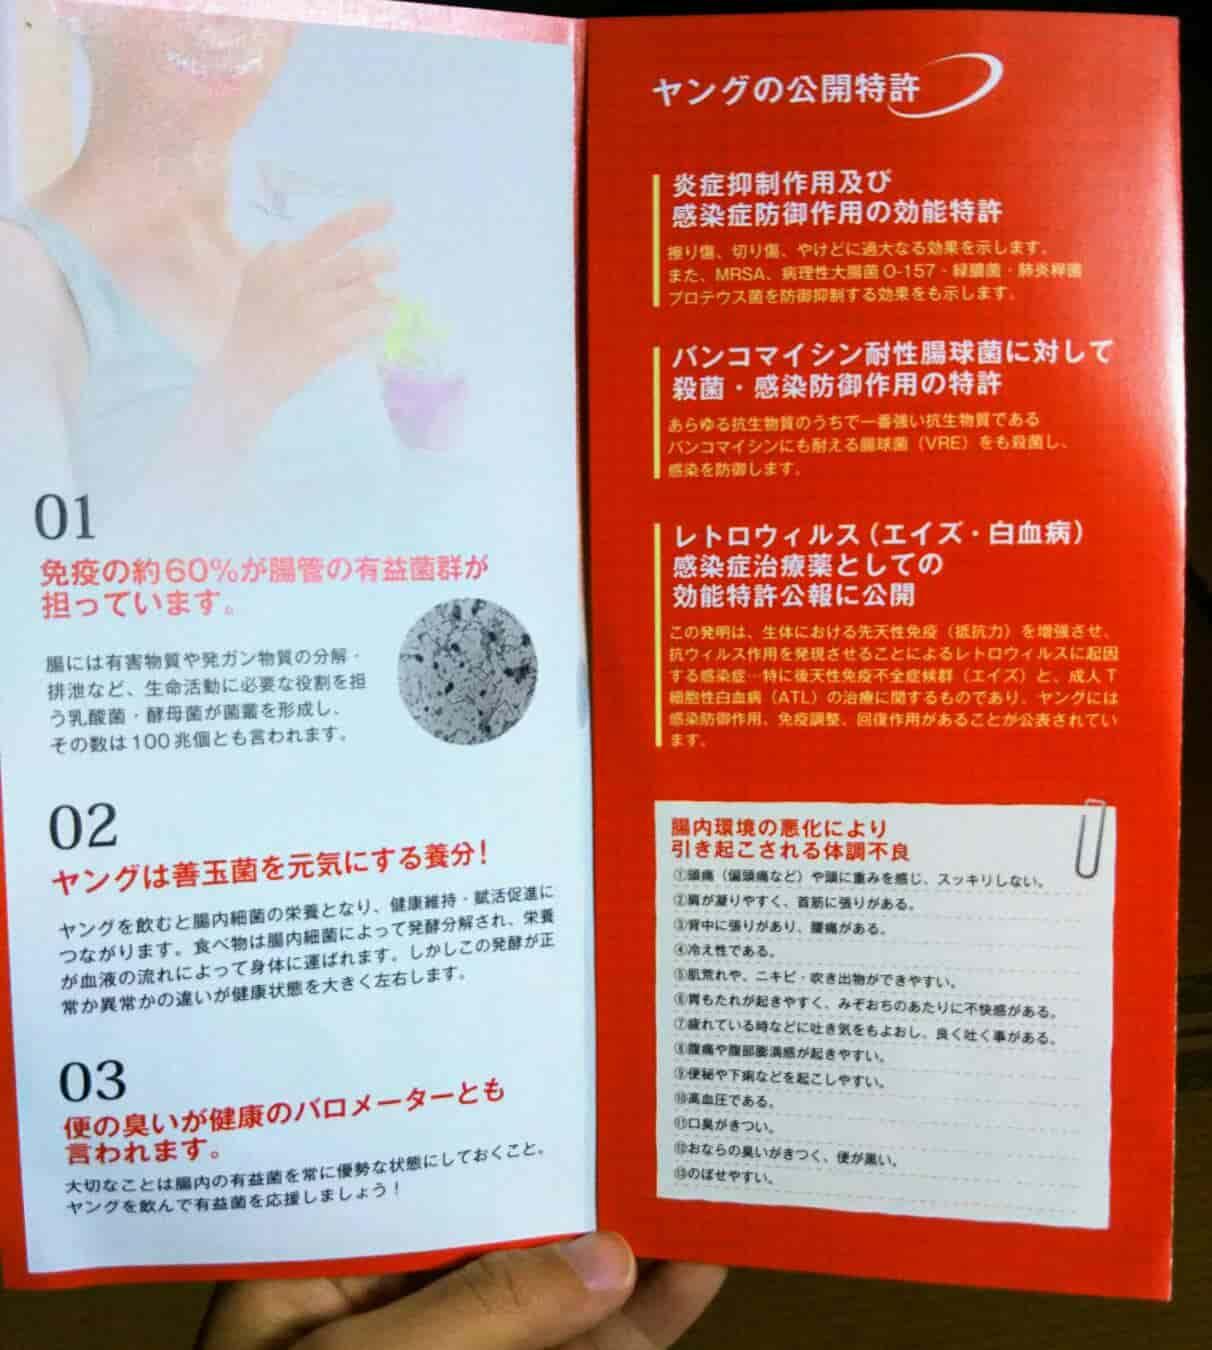 乳酸菌ヤング 説明3